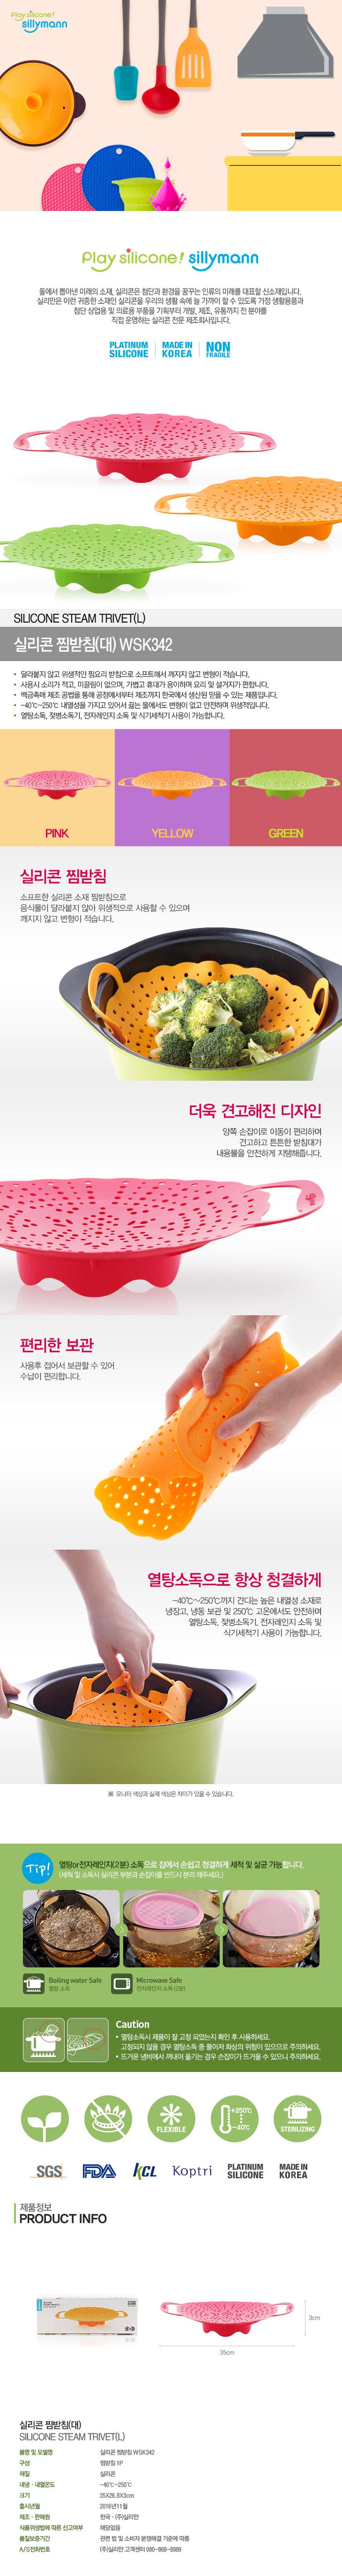 실리콘 찜받침(대) WSK342 - 실리만, 25,000원, 주방소품, 주방 소모품